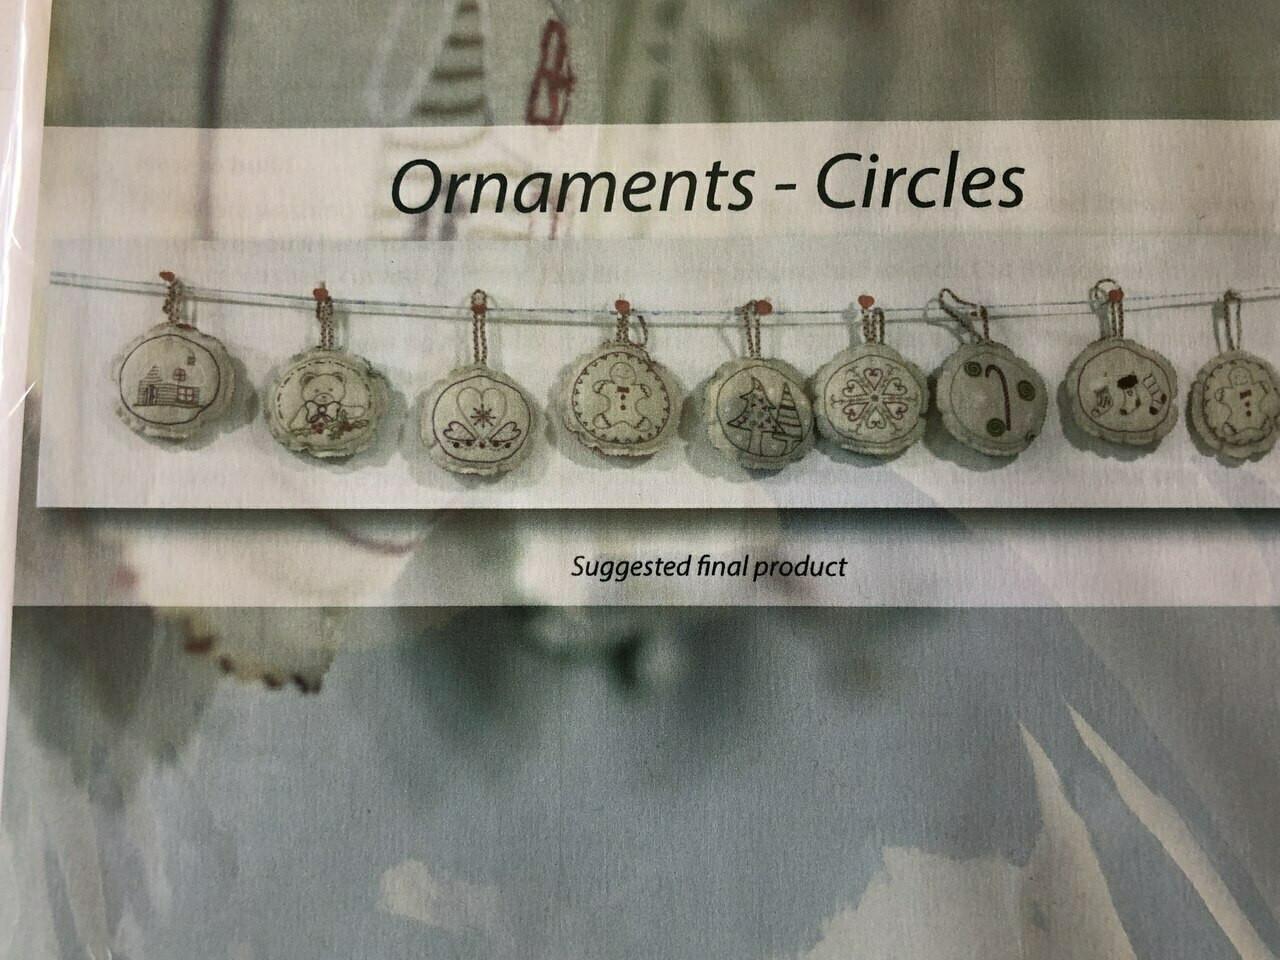 Le Petit Atelier : Ornaments - Circles